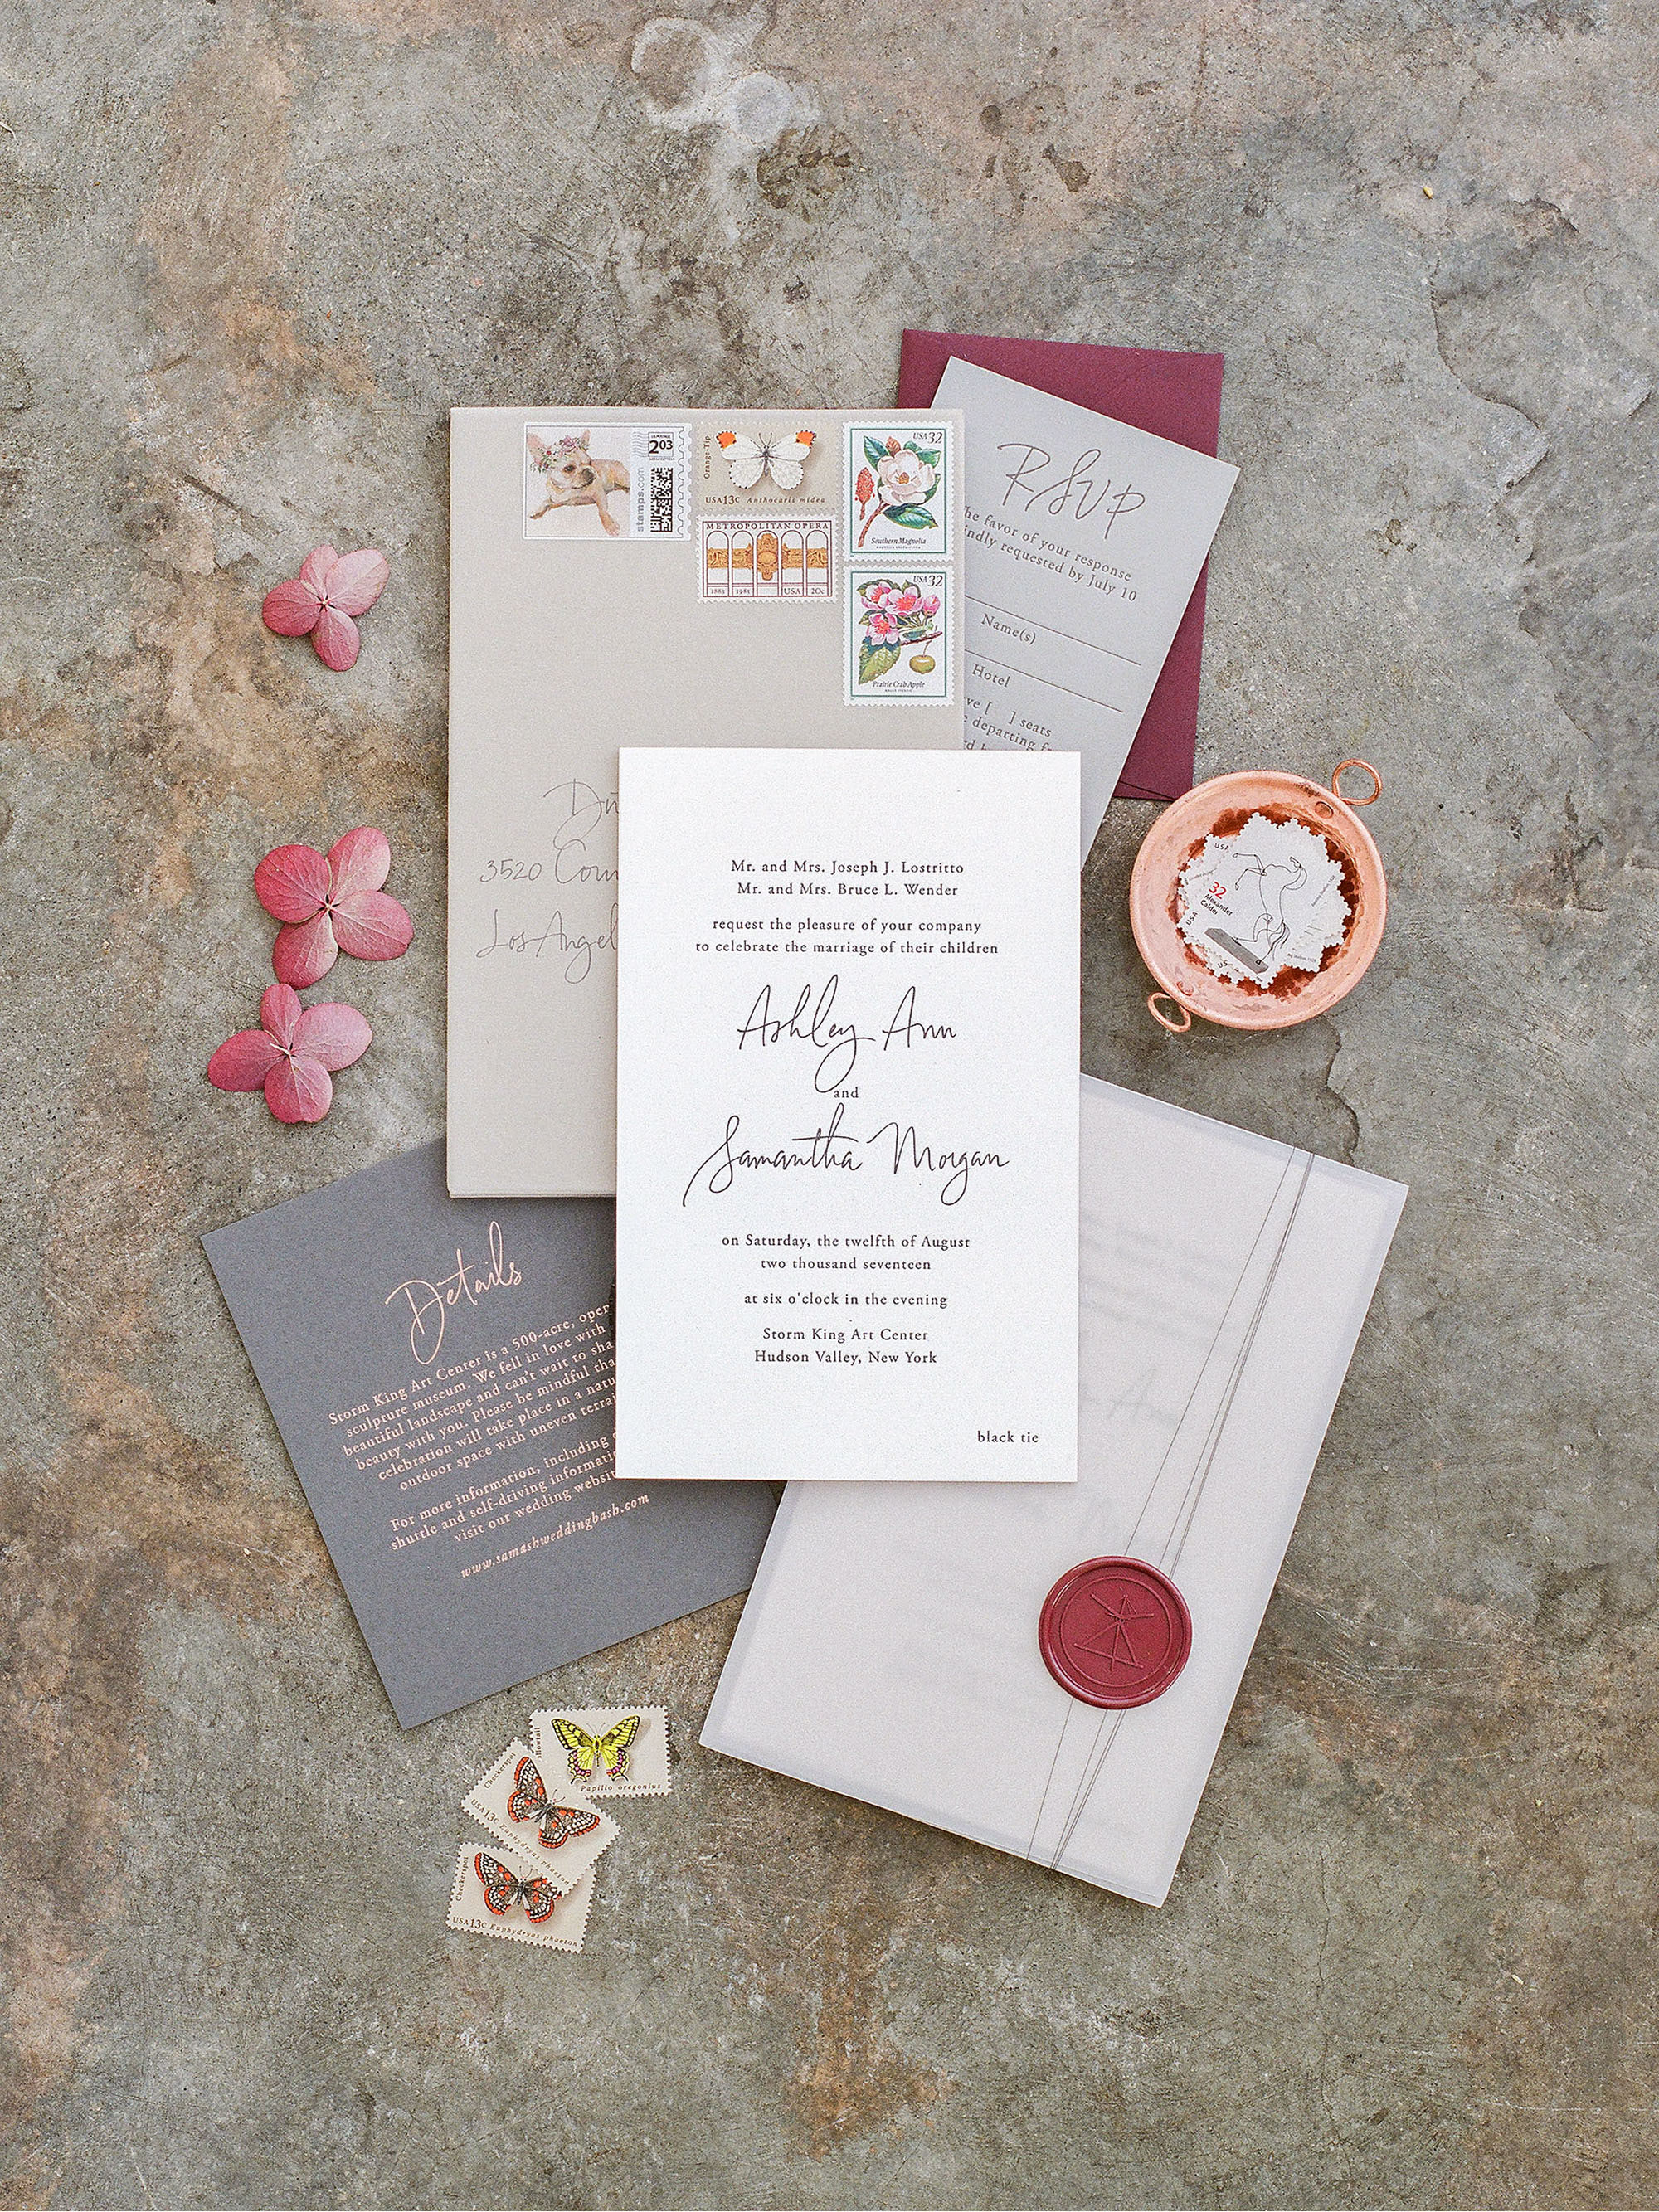 ashley samantha wedding cornwall ny invite